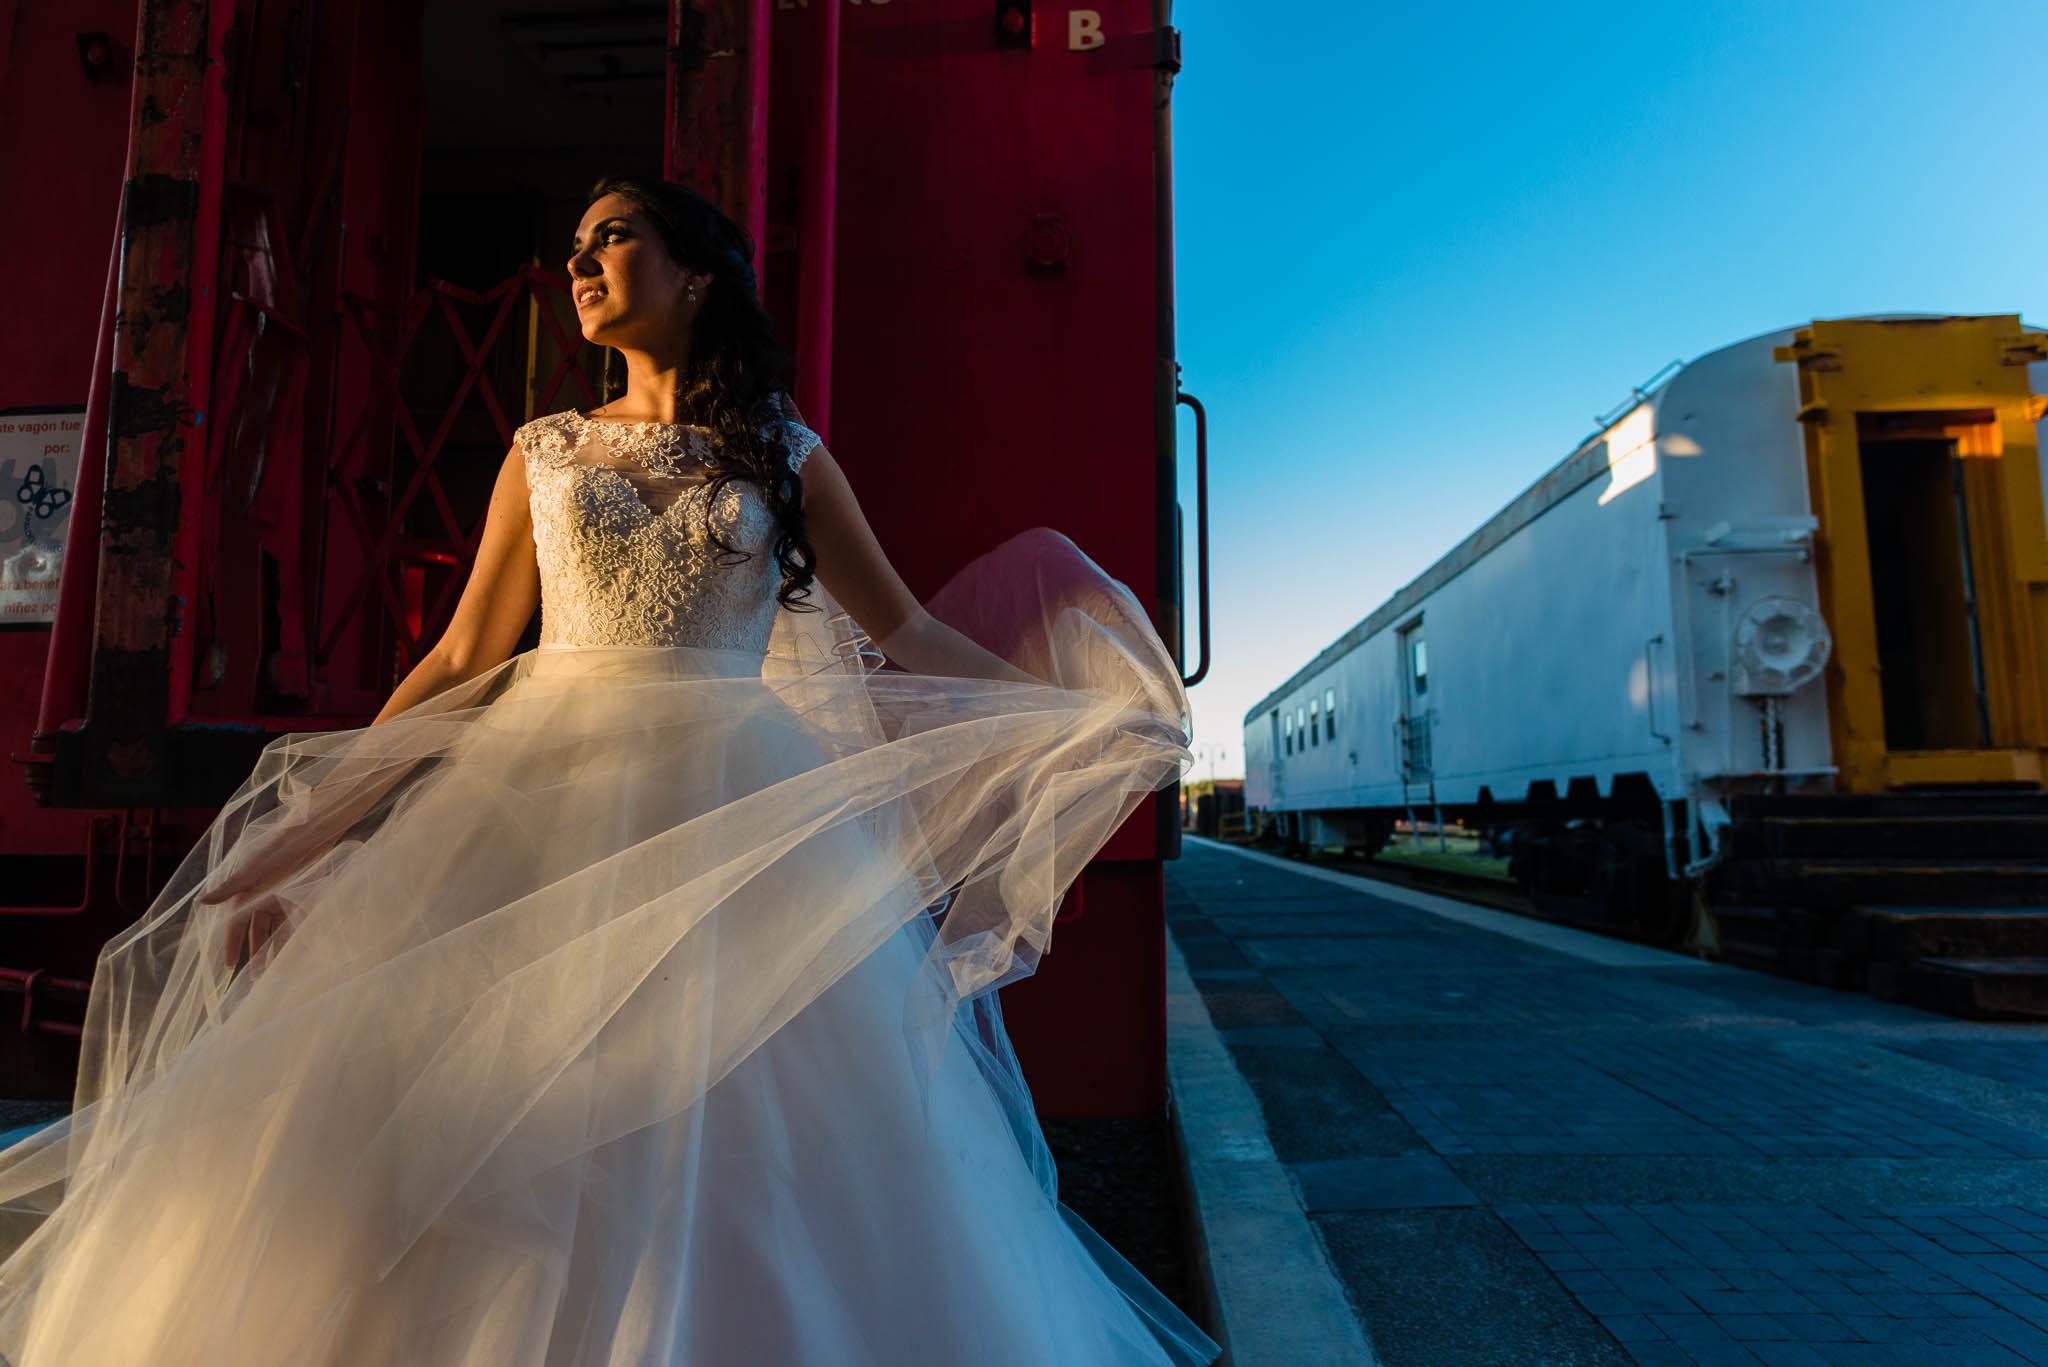 fotografo de bodas san luis potosi boda mexico wedding destination fotos de boda 130